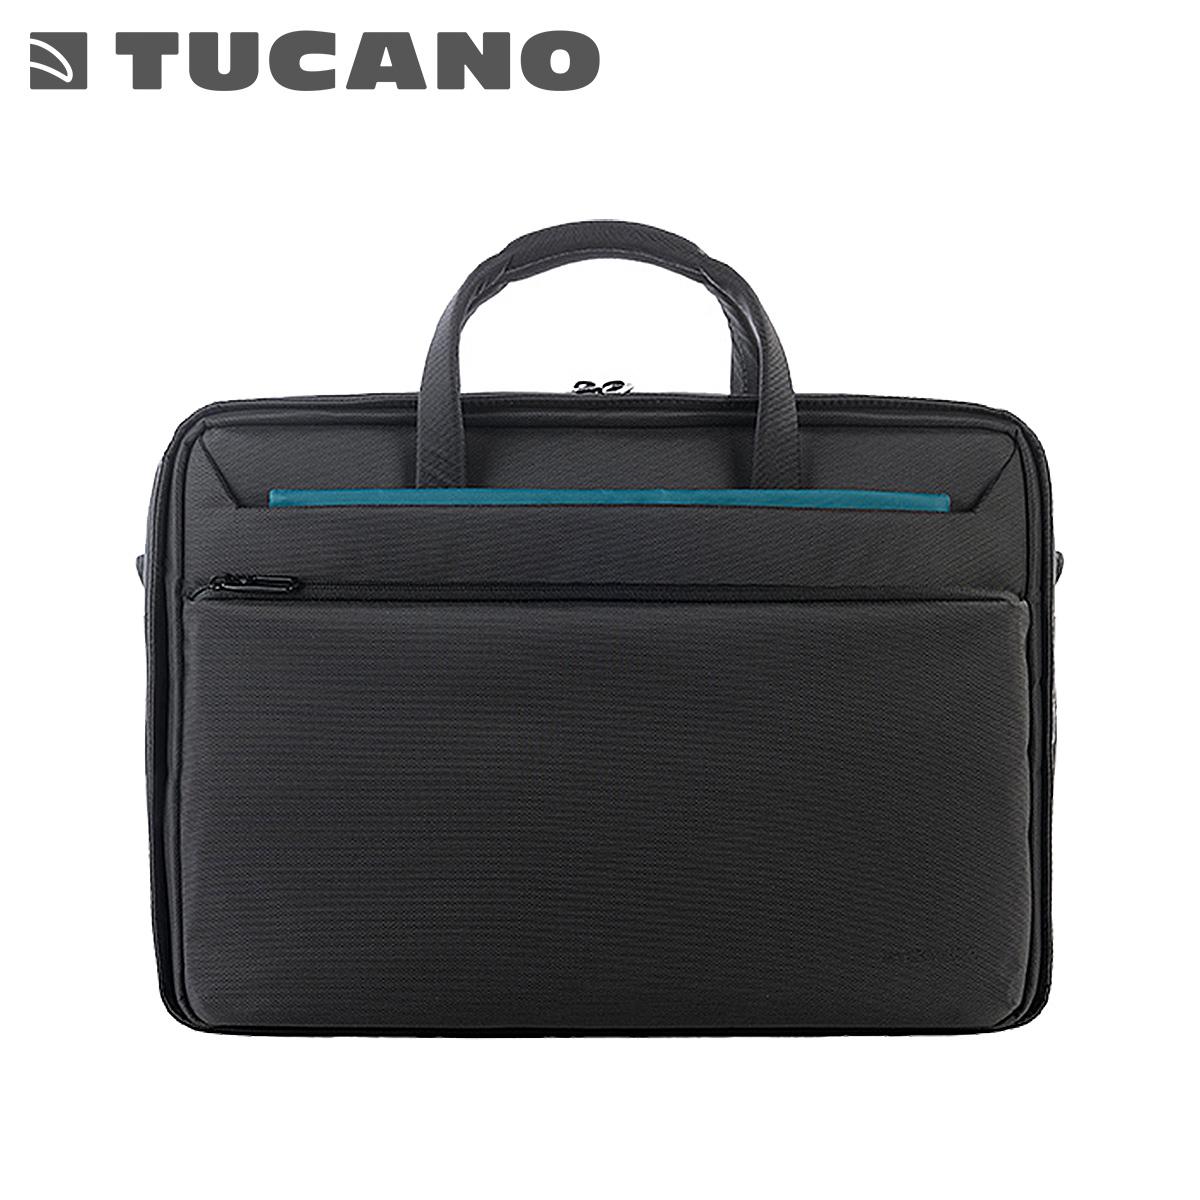 ツカーノ TUCANO バッグ ビジネスバッグ ブリーフケース ショルダー メンズ レディース WORK OUT 3 ブラック 黒 WO3U-MB15